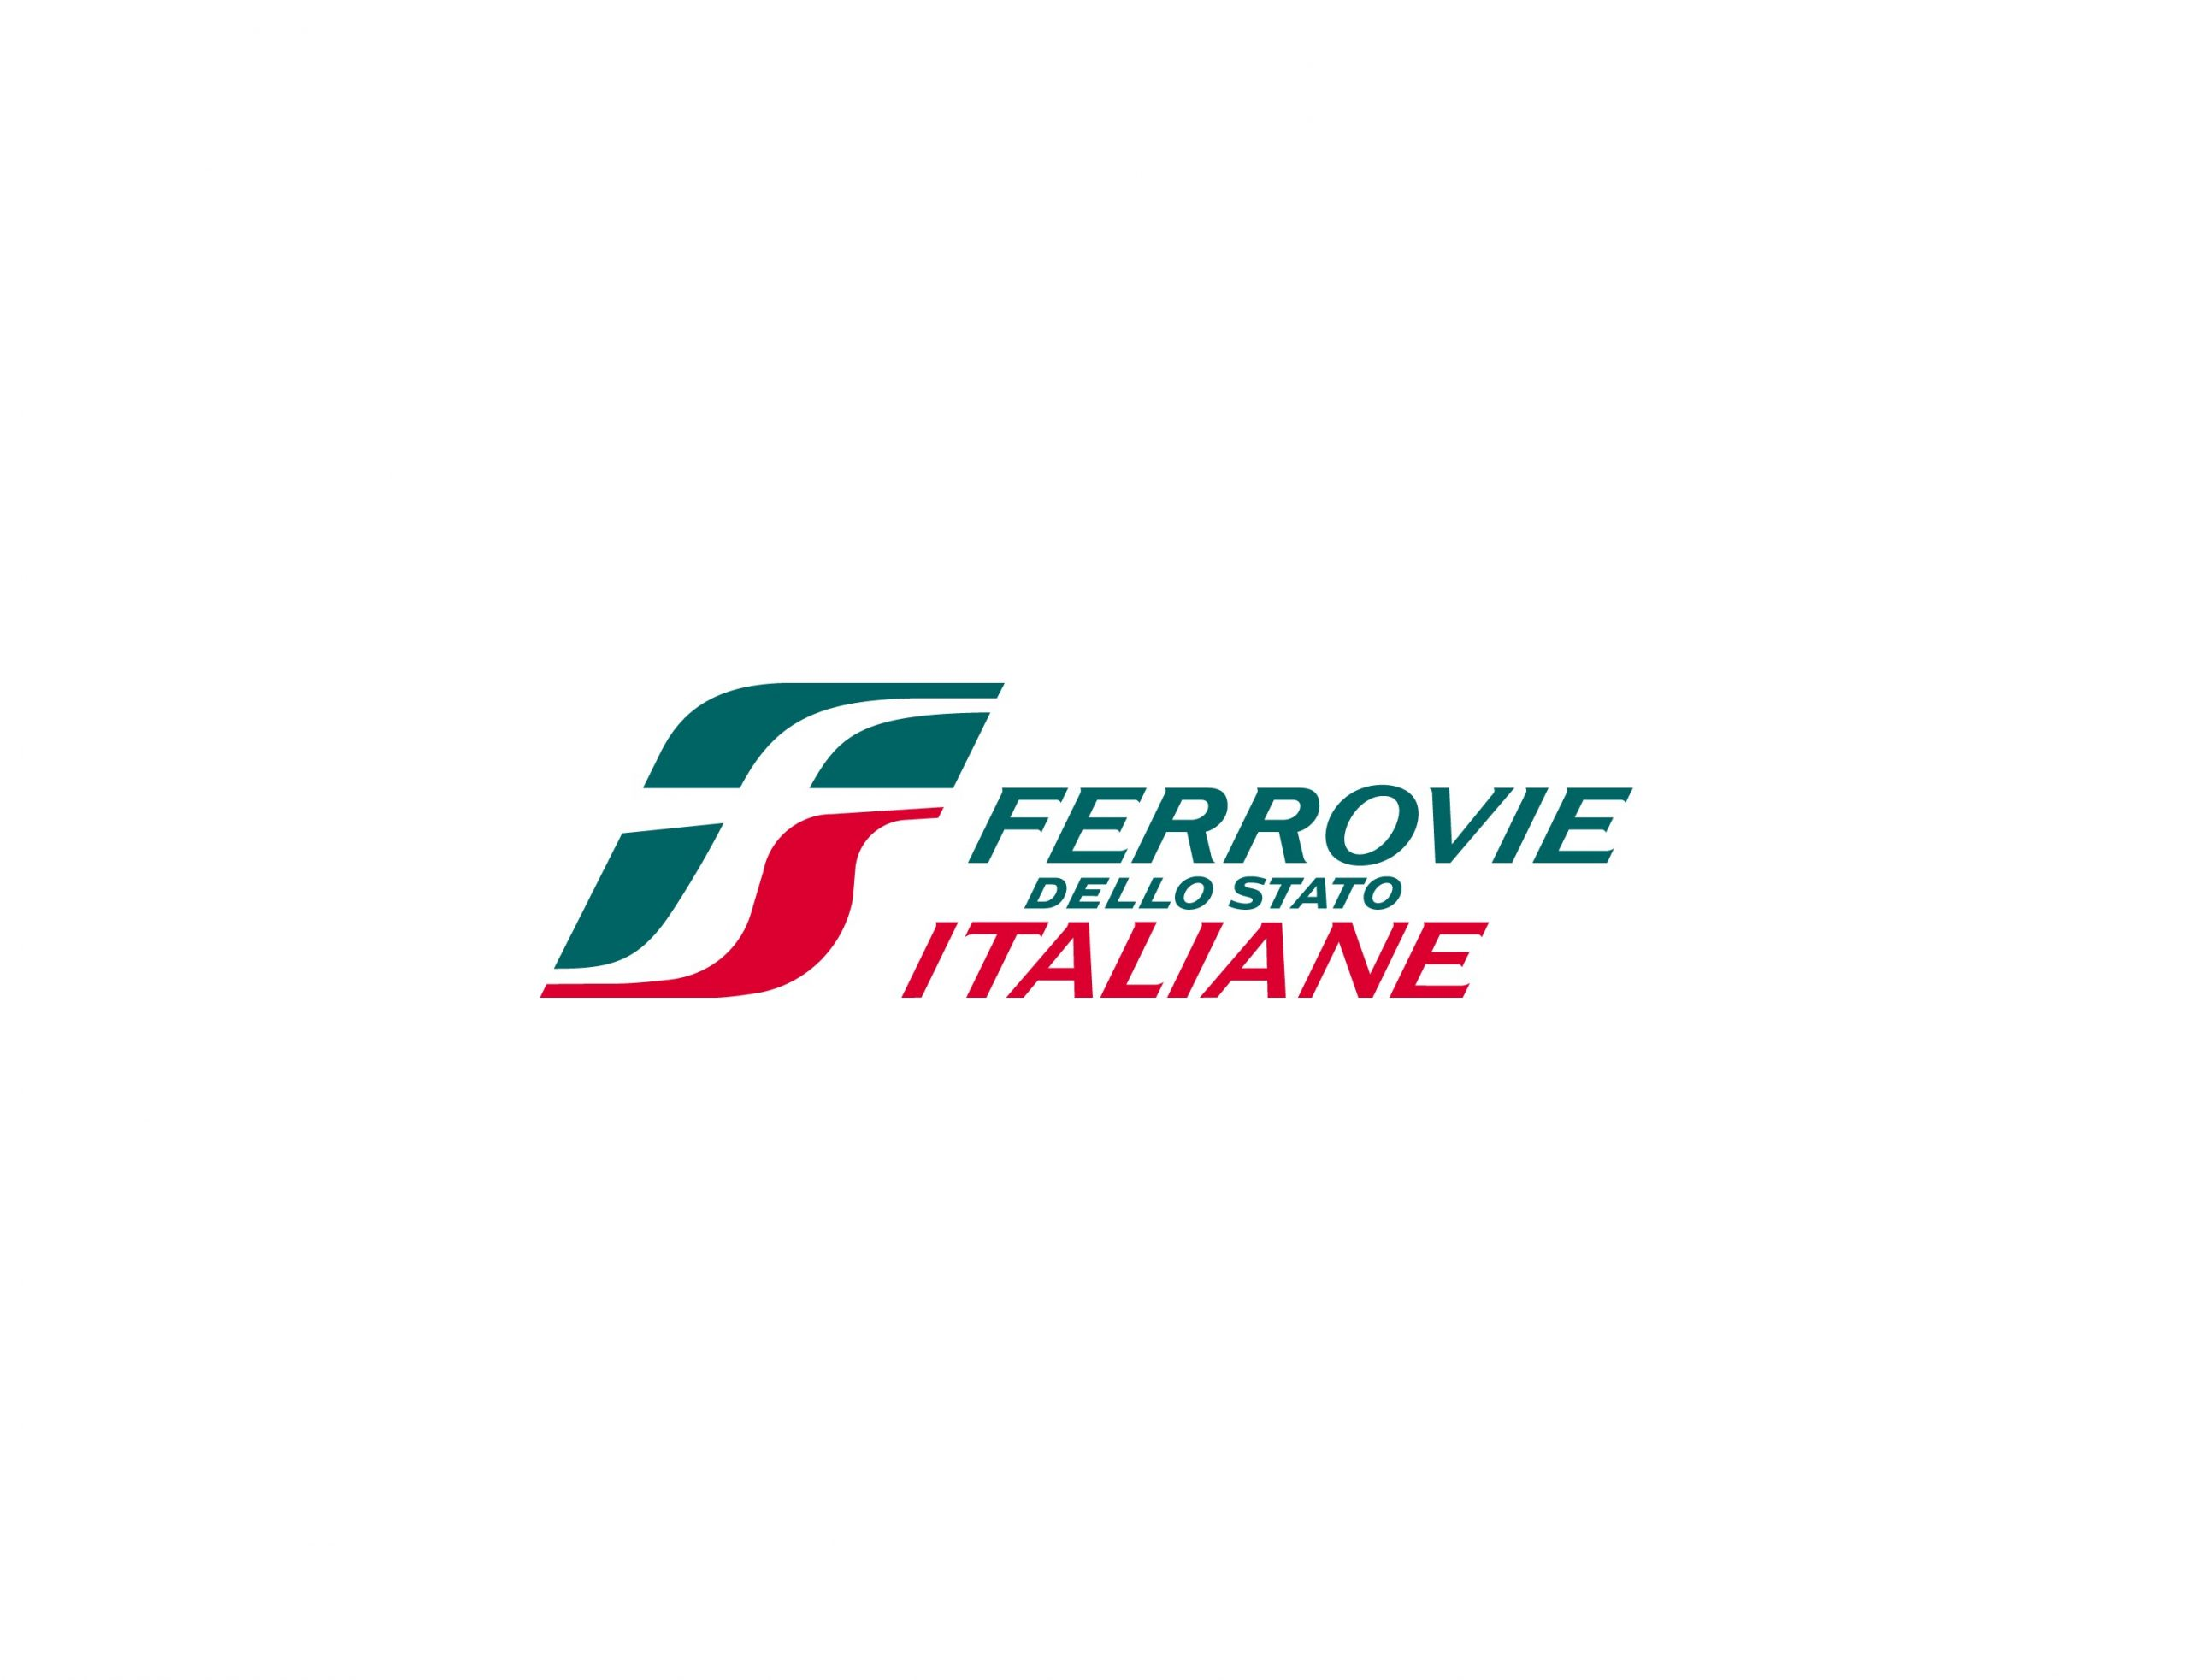 Ferrovie dello Stato Italiane S.p.A.